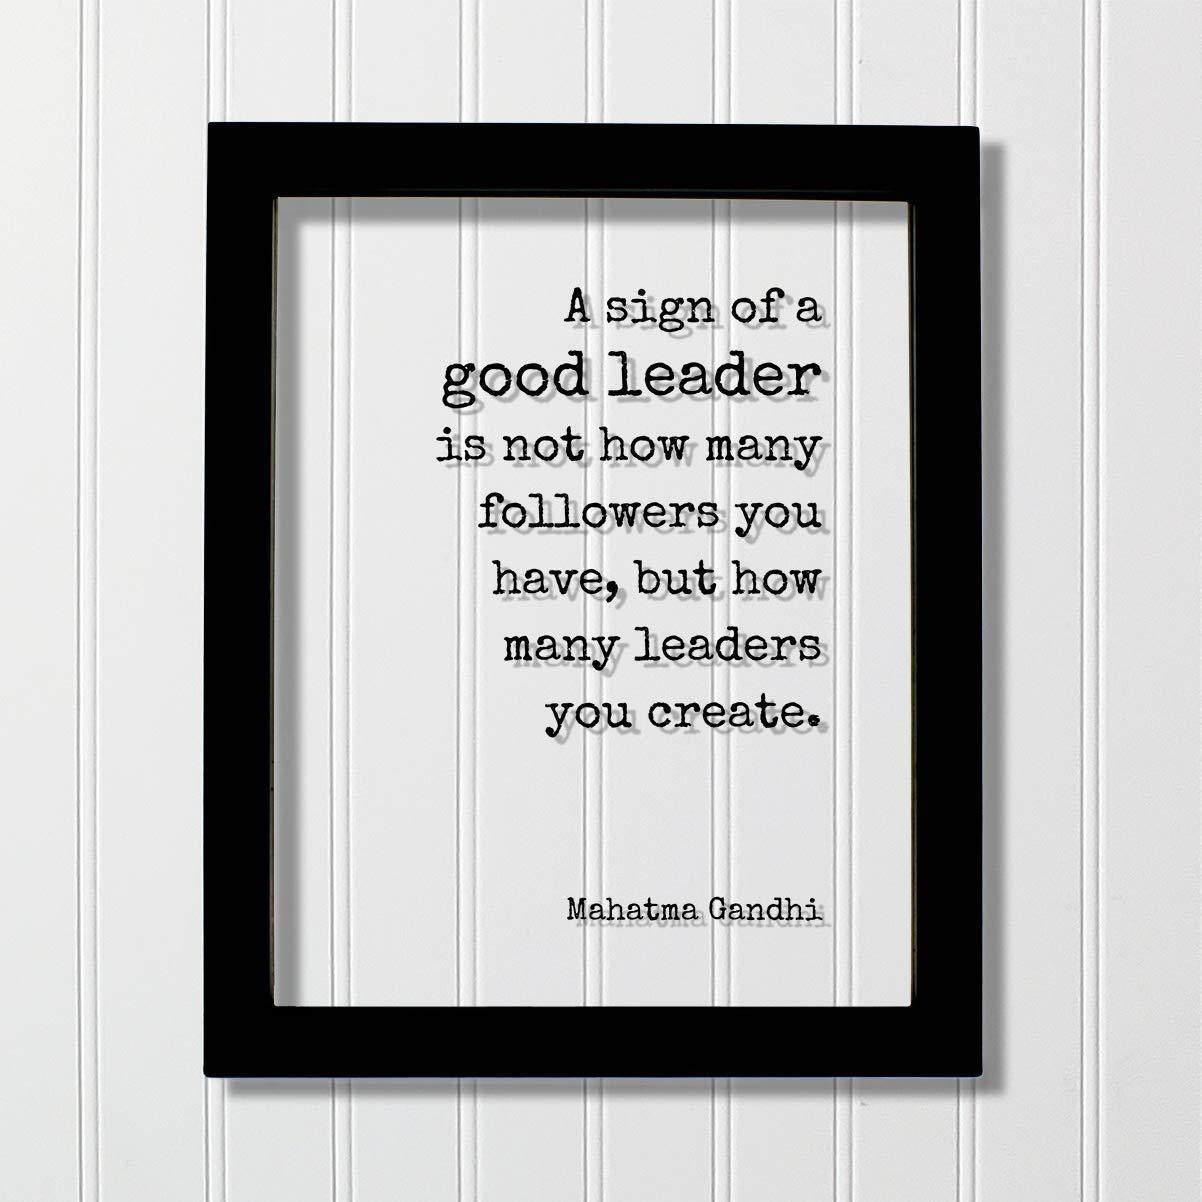 Mahatma Gandhi Frame - A Sign of a Good Leader